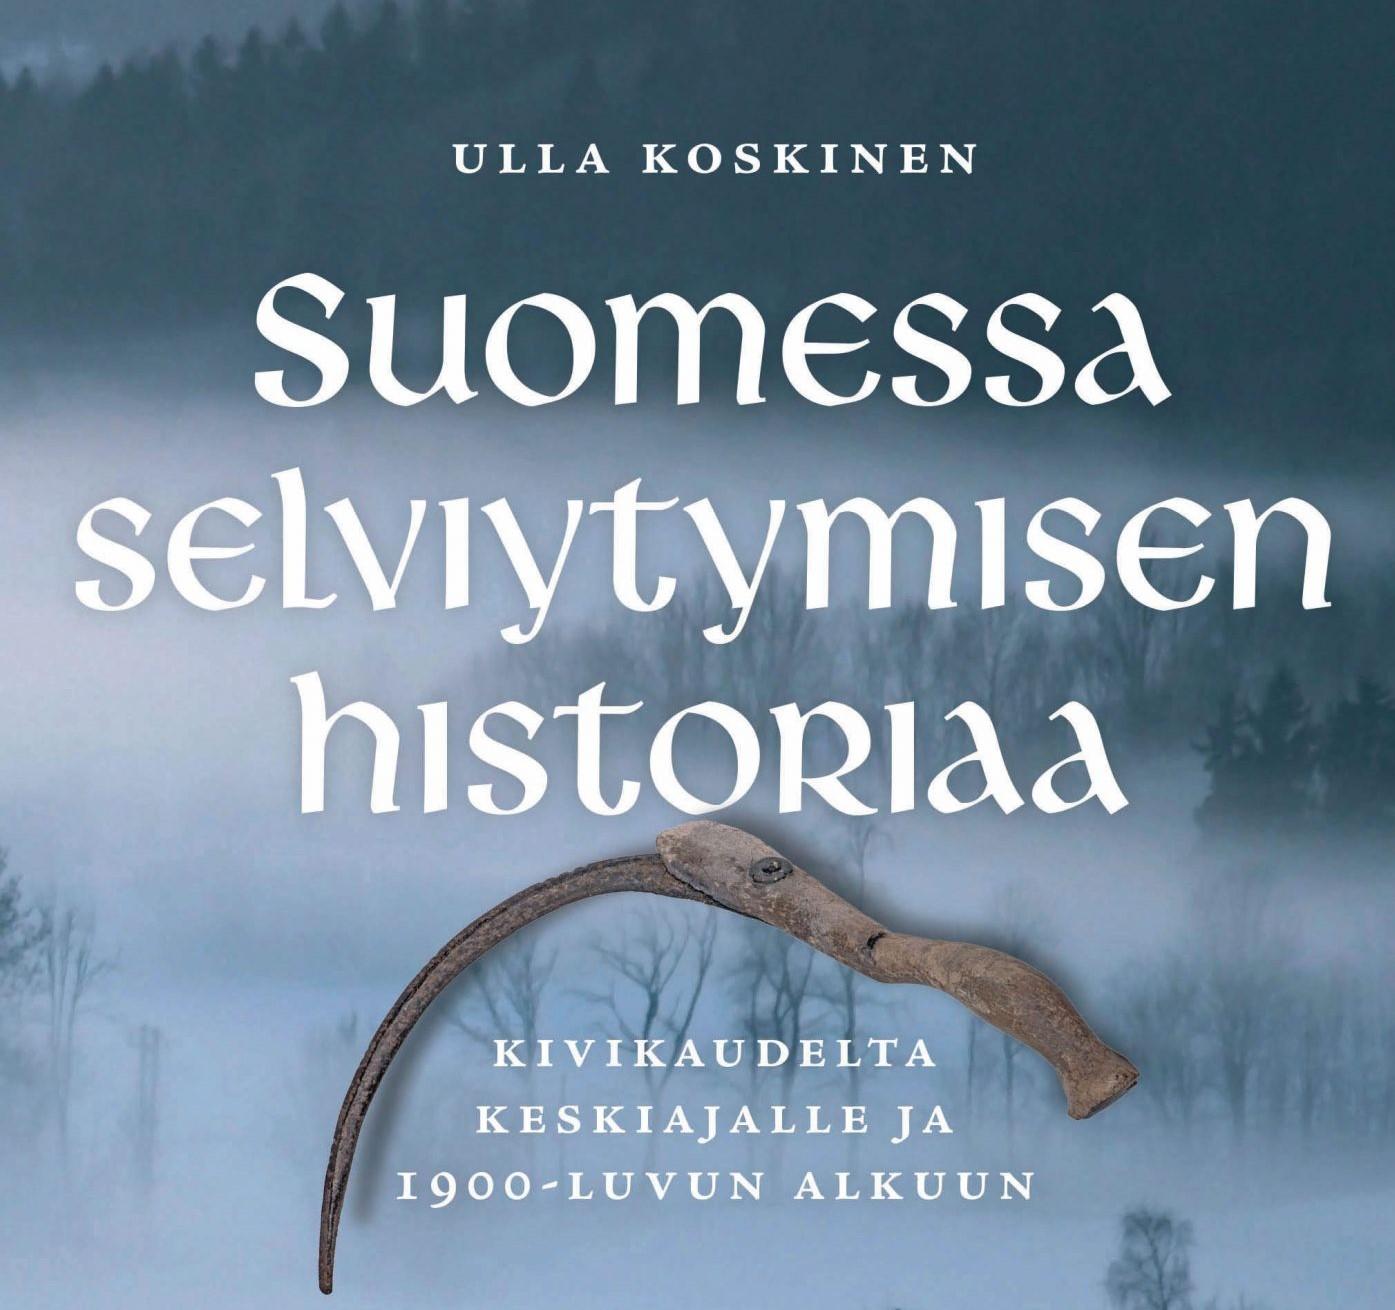 Luentotilaisuus: Suomessa selviytymisen historiaa